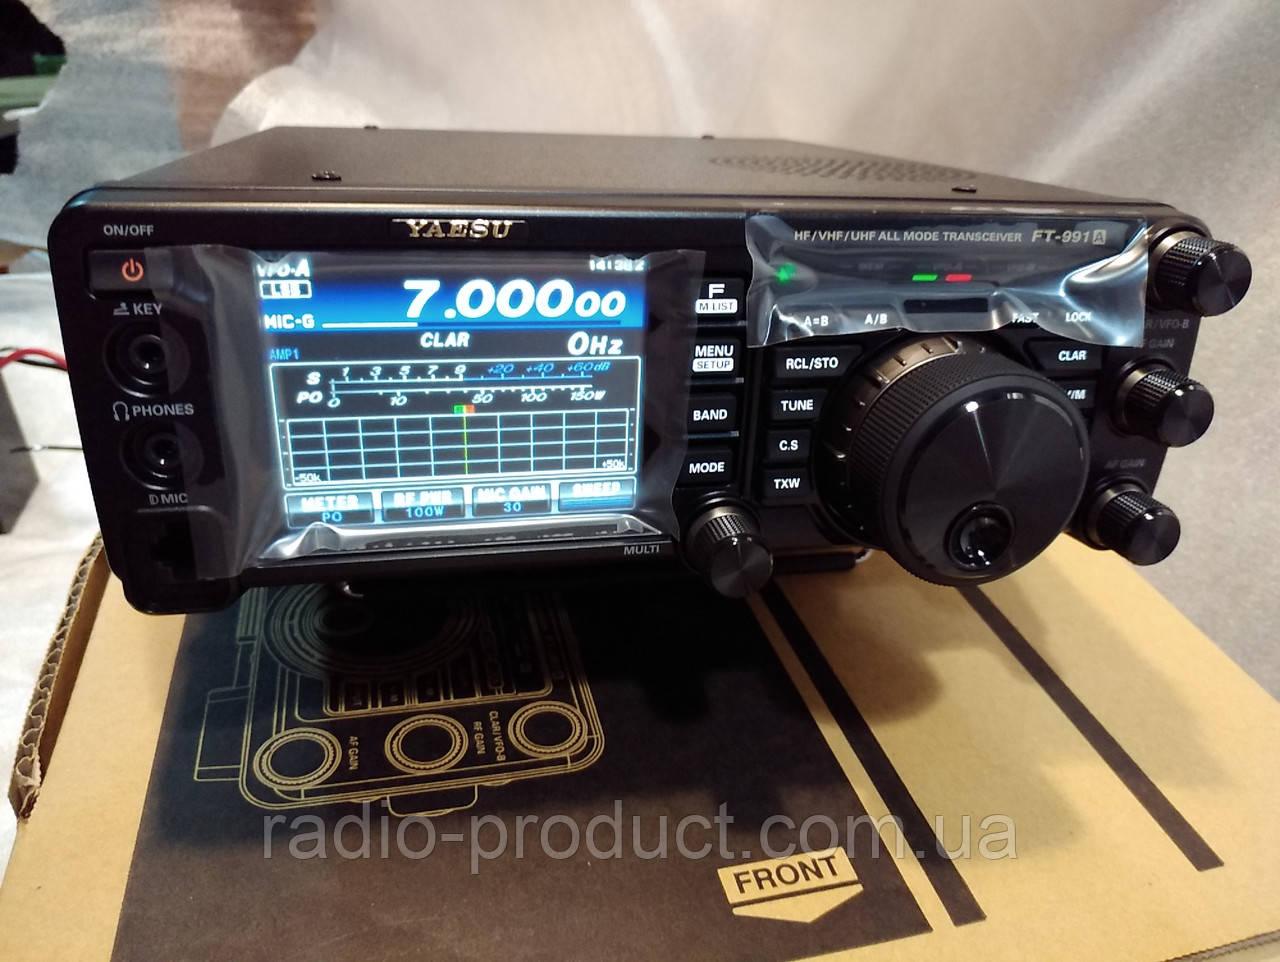 """Yaesu FT-991A, КВ+УКВ трансивер, радиостанция: доставка по Украине переговорные устройства от """"МИР РАДИО"""" - 524011567"""